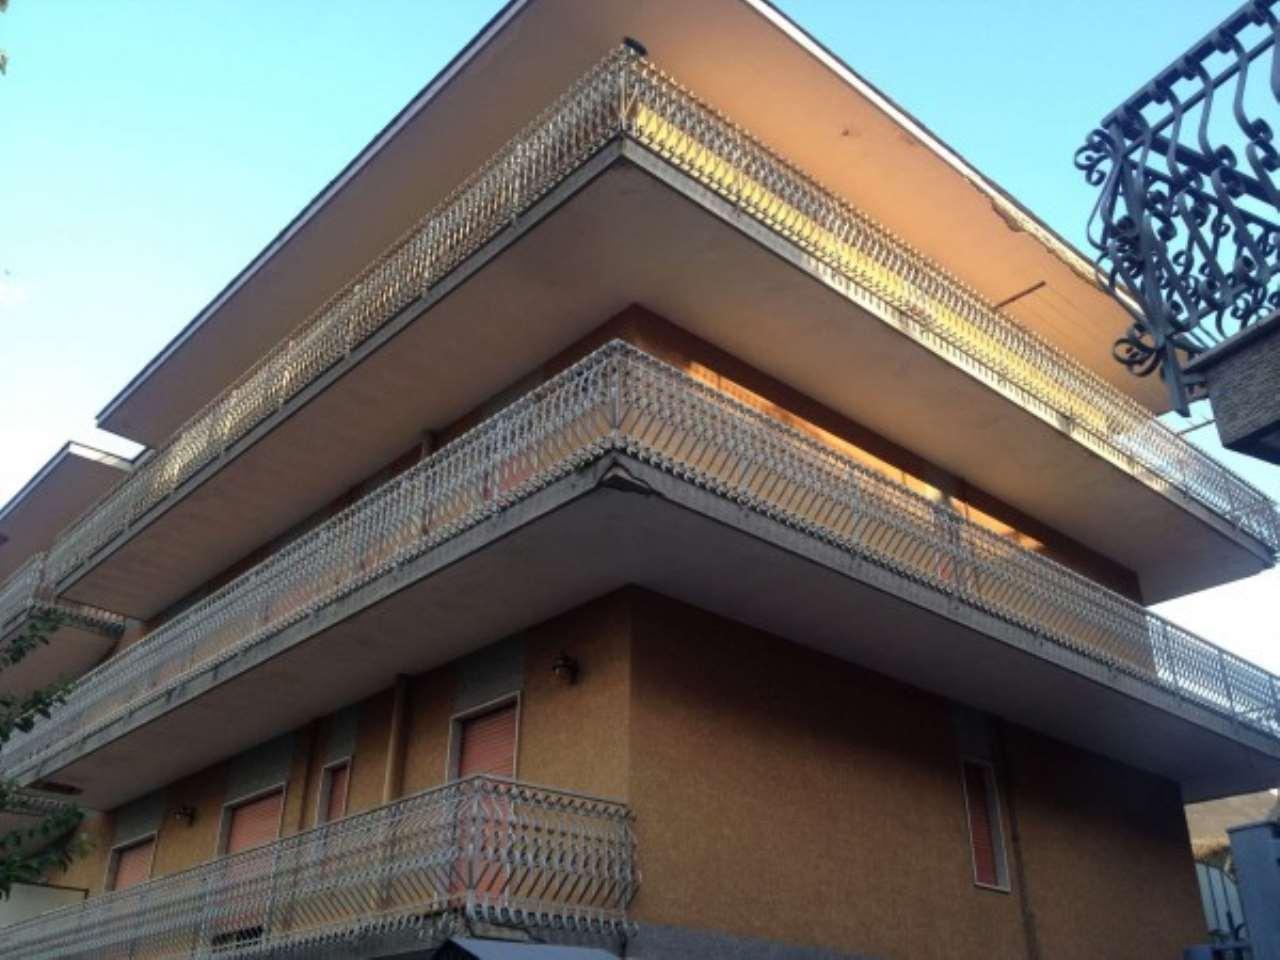 Palazzo / Stabile in vendita a Somma Vesuviana, 6 locali, Trattative riservate | CambioCasa.it